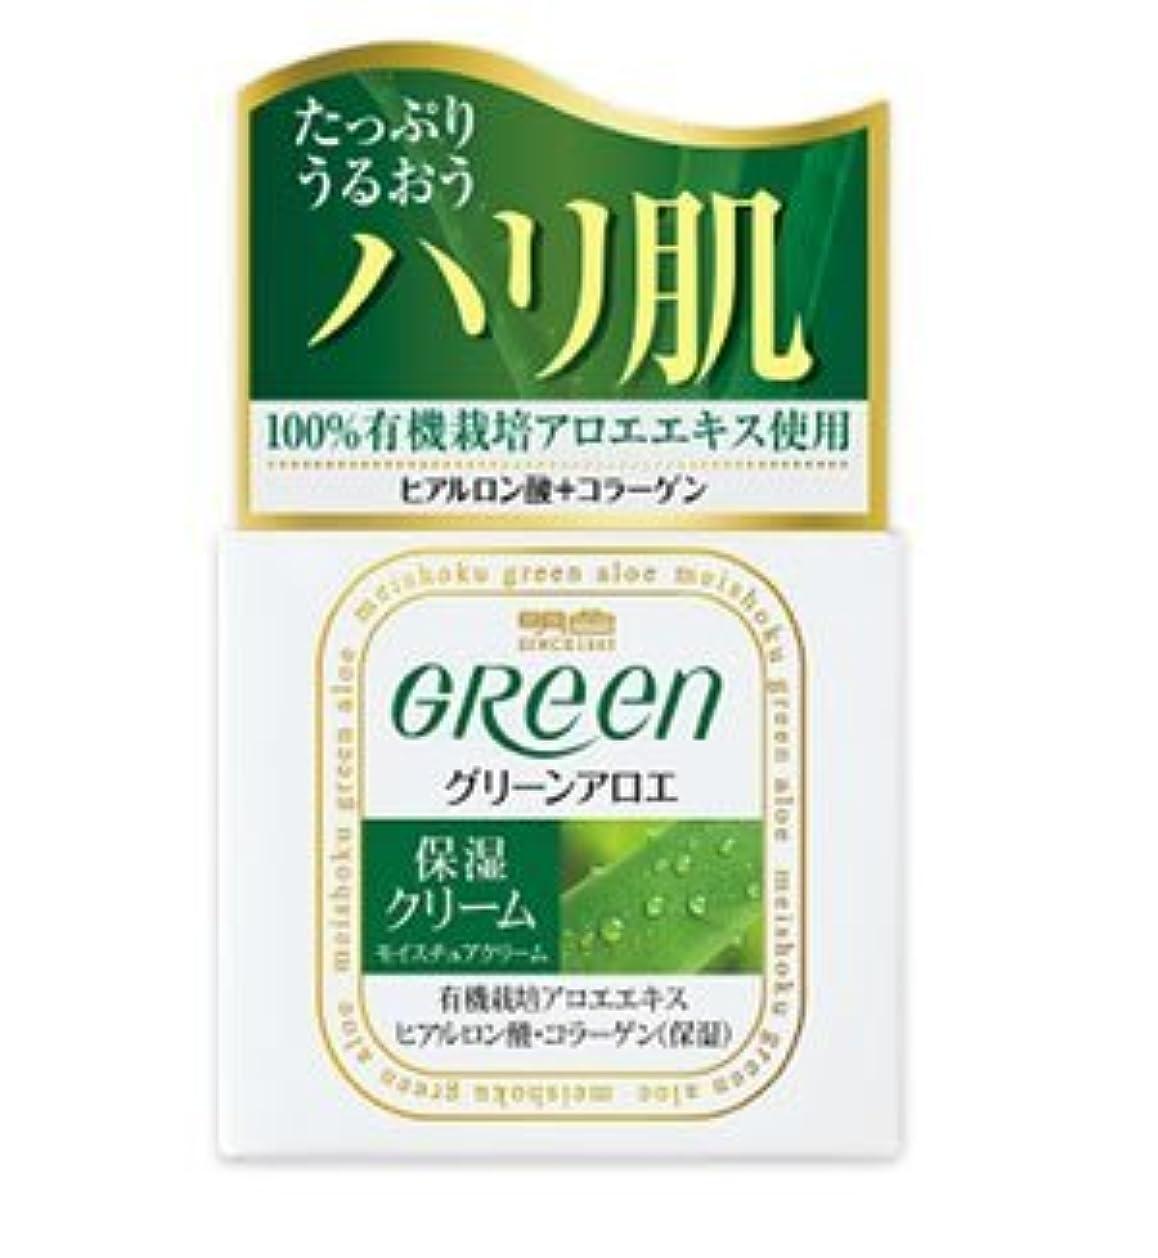 研究パプアニューギニアパンフレット(明色)グリーン モイスチュアクリーム 48g(お買い得3個セット)